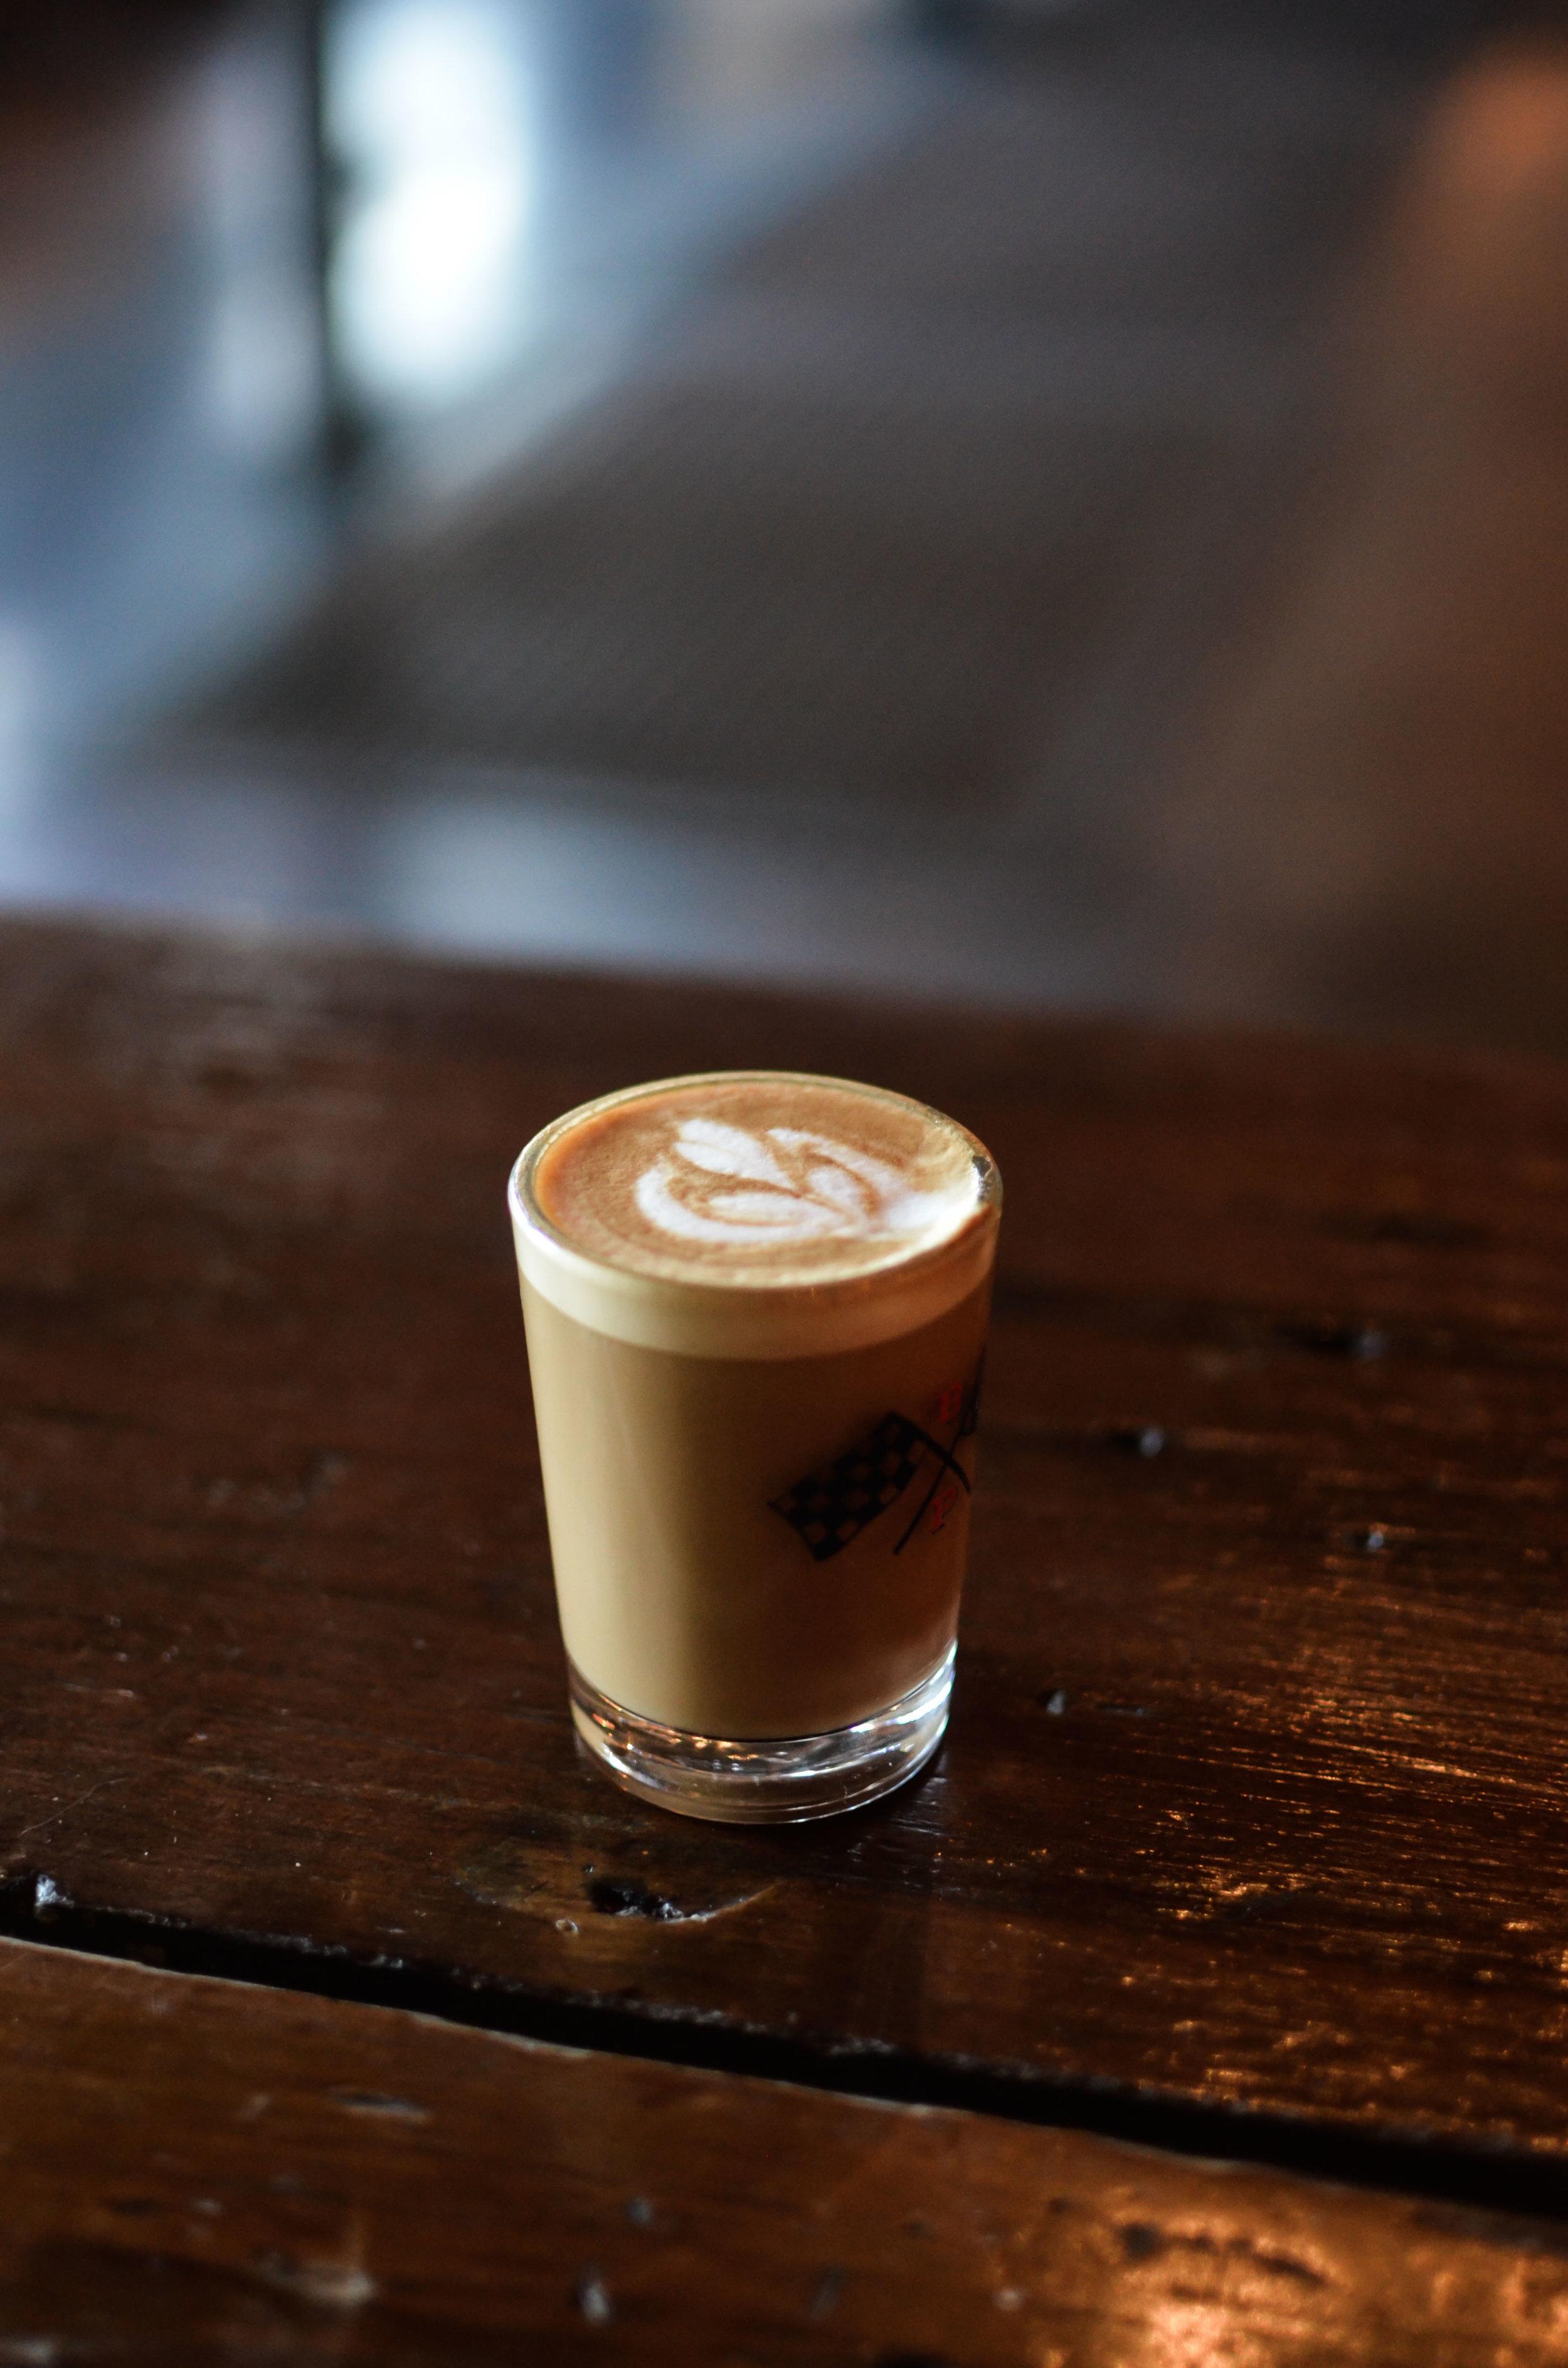 Wendling_Boyd_Barista_Parlor_Craft_Coffee_Culture-15.jpg